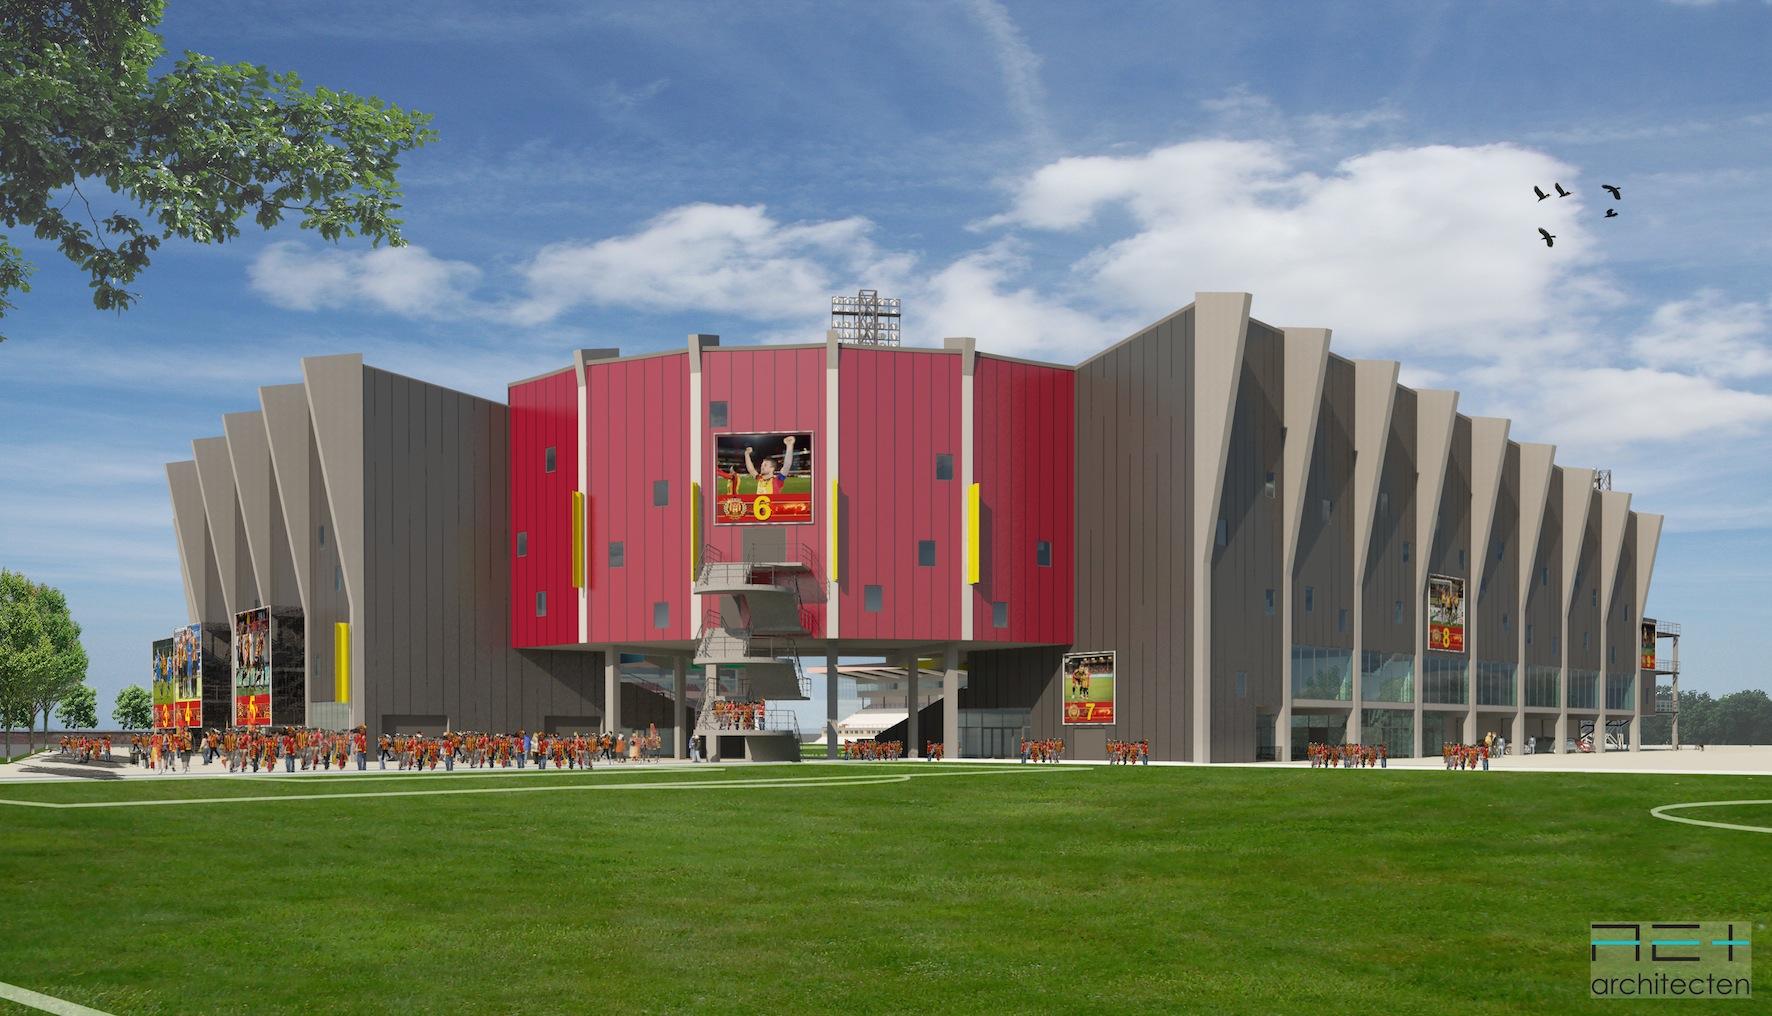 Amo architectenvereniging architectenvereniging van mechelen en